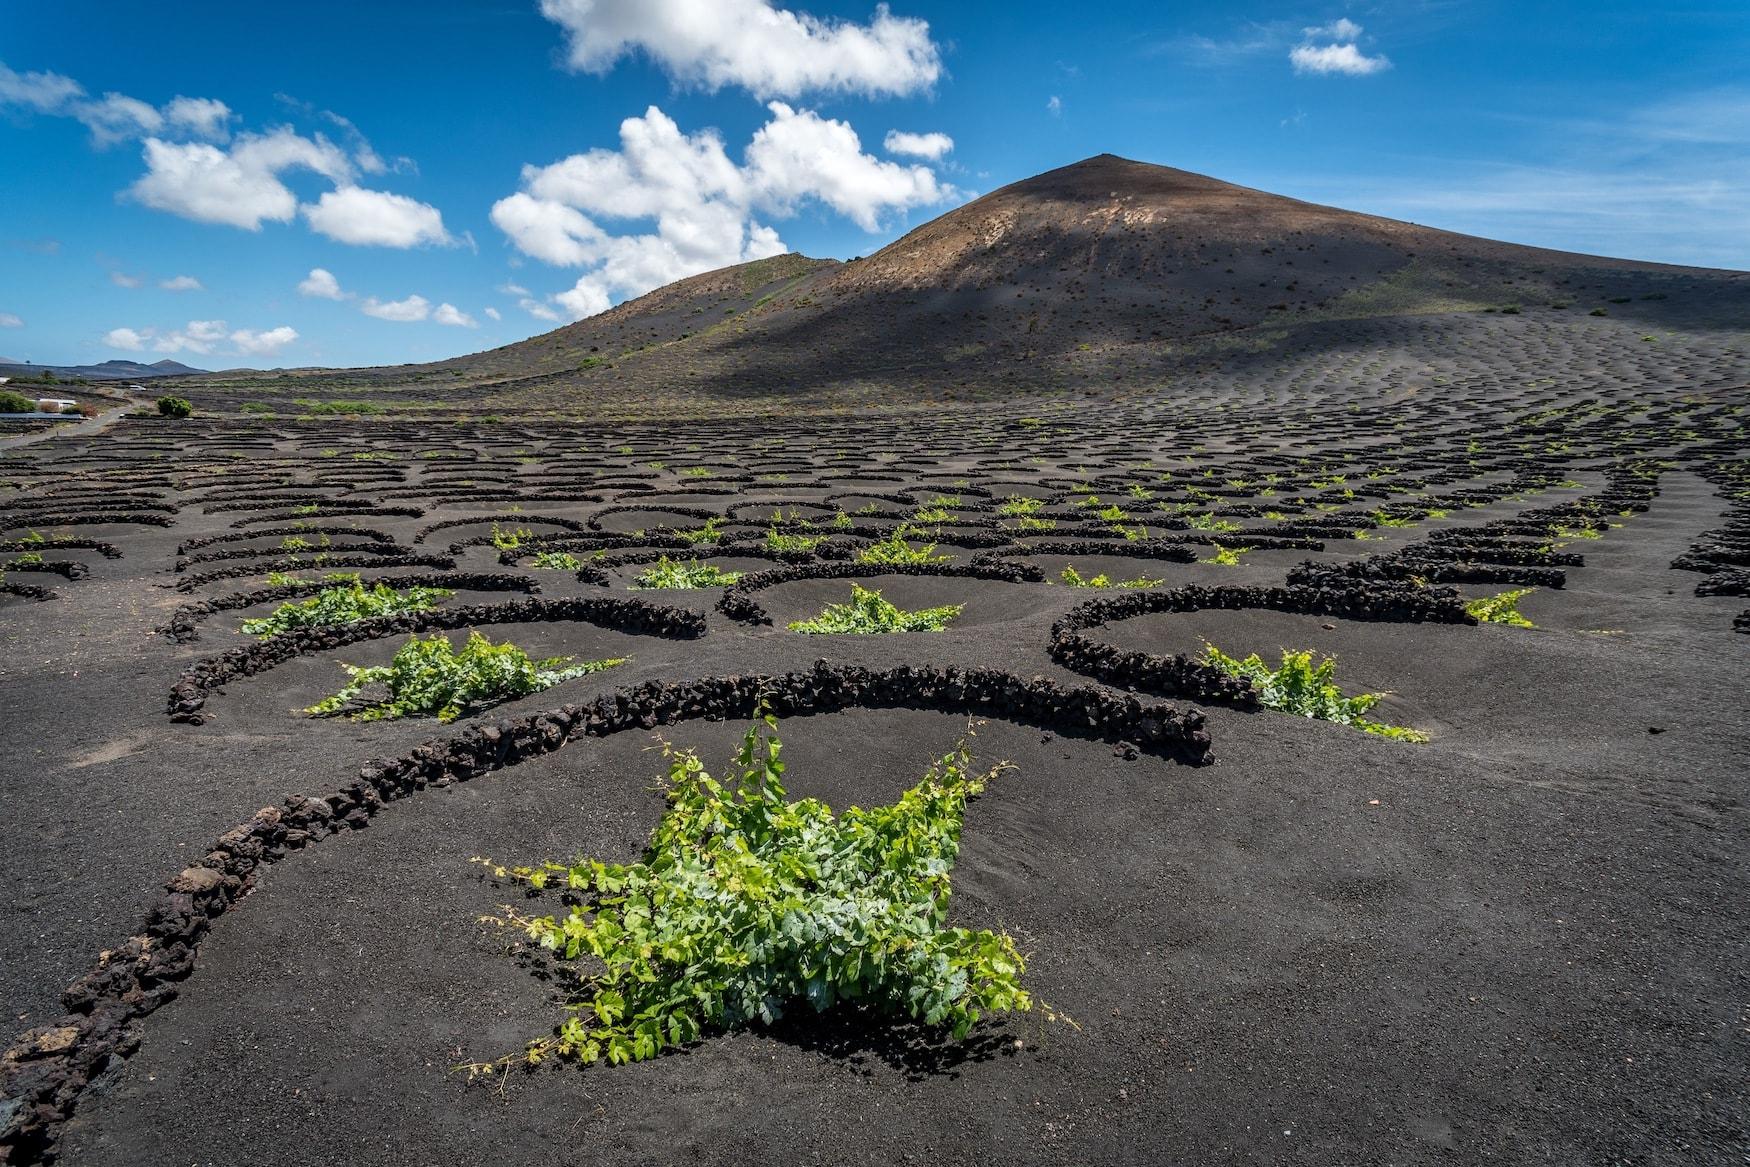 Weinanbaugebiet auf Lanzarote zwischen Lavafeldern